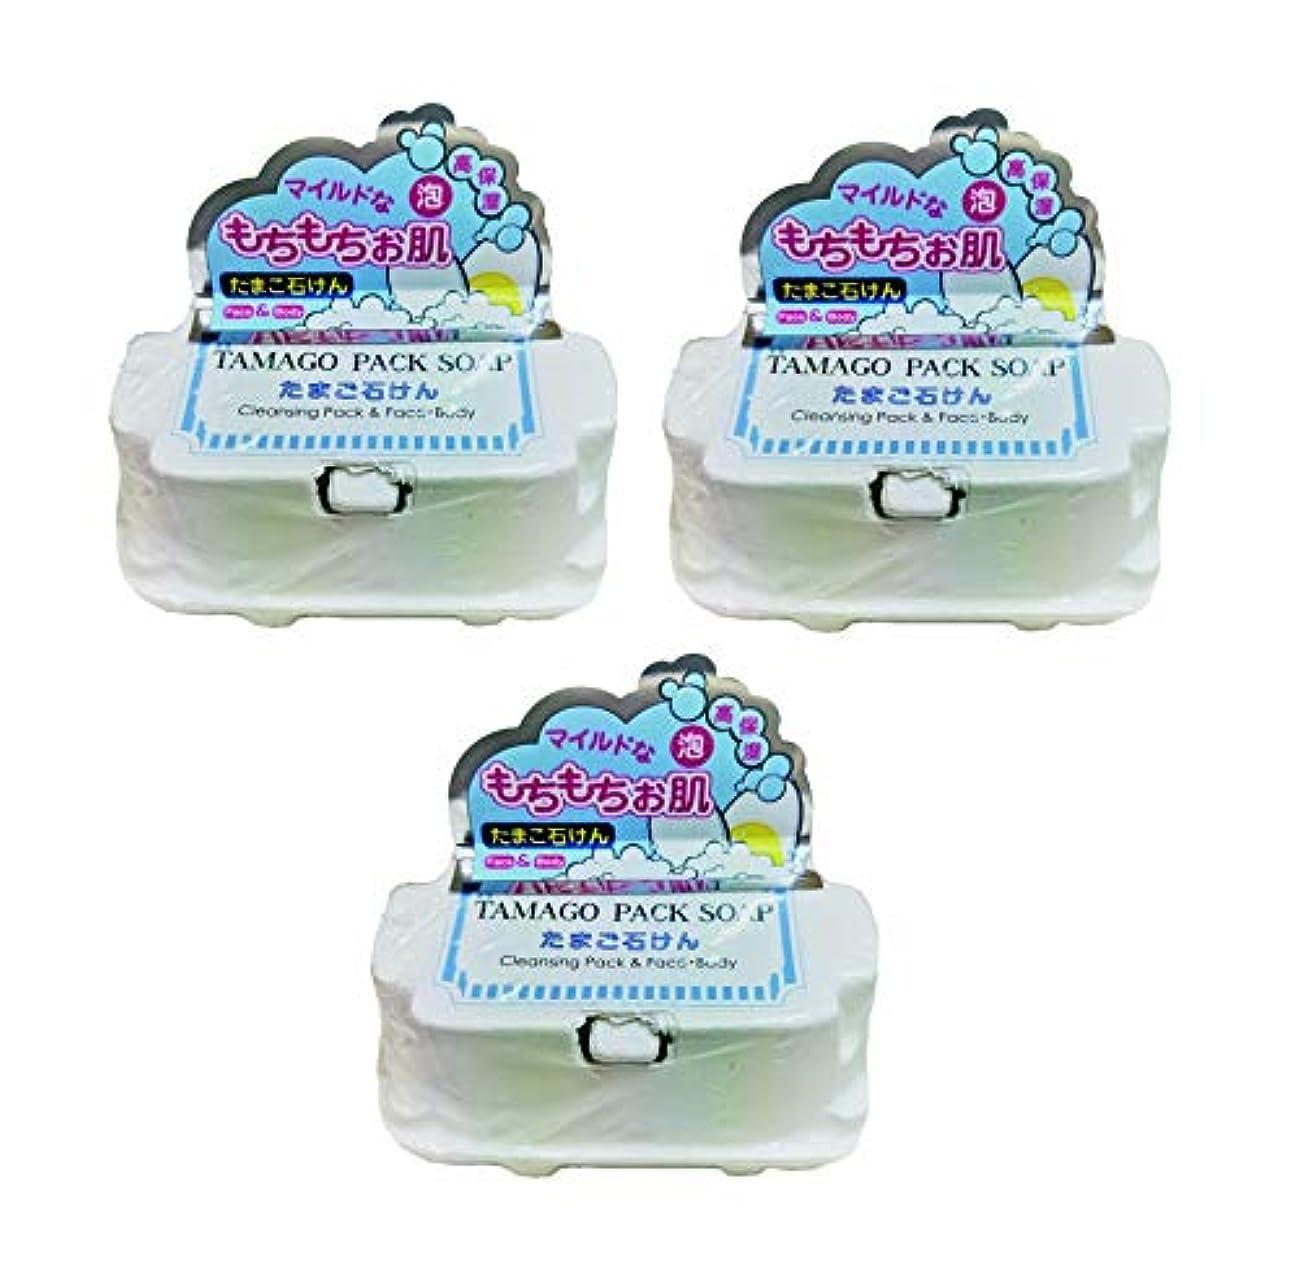 バウンス接続フェンスシンビジャパン たまご石けん TAMAGO PACK SOAP フェイス?ボディ用 (50g×2個入)×3個セット